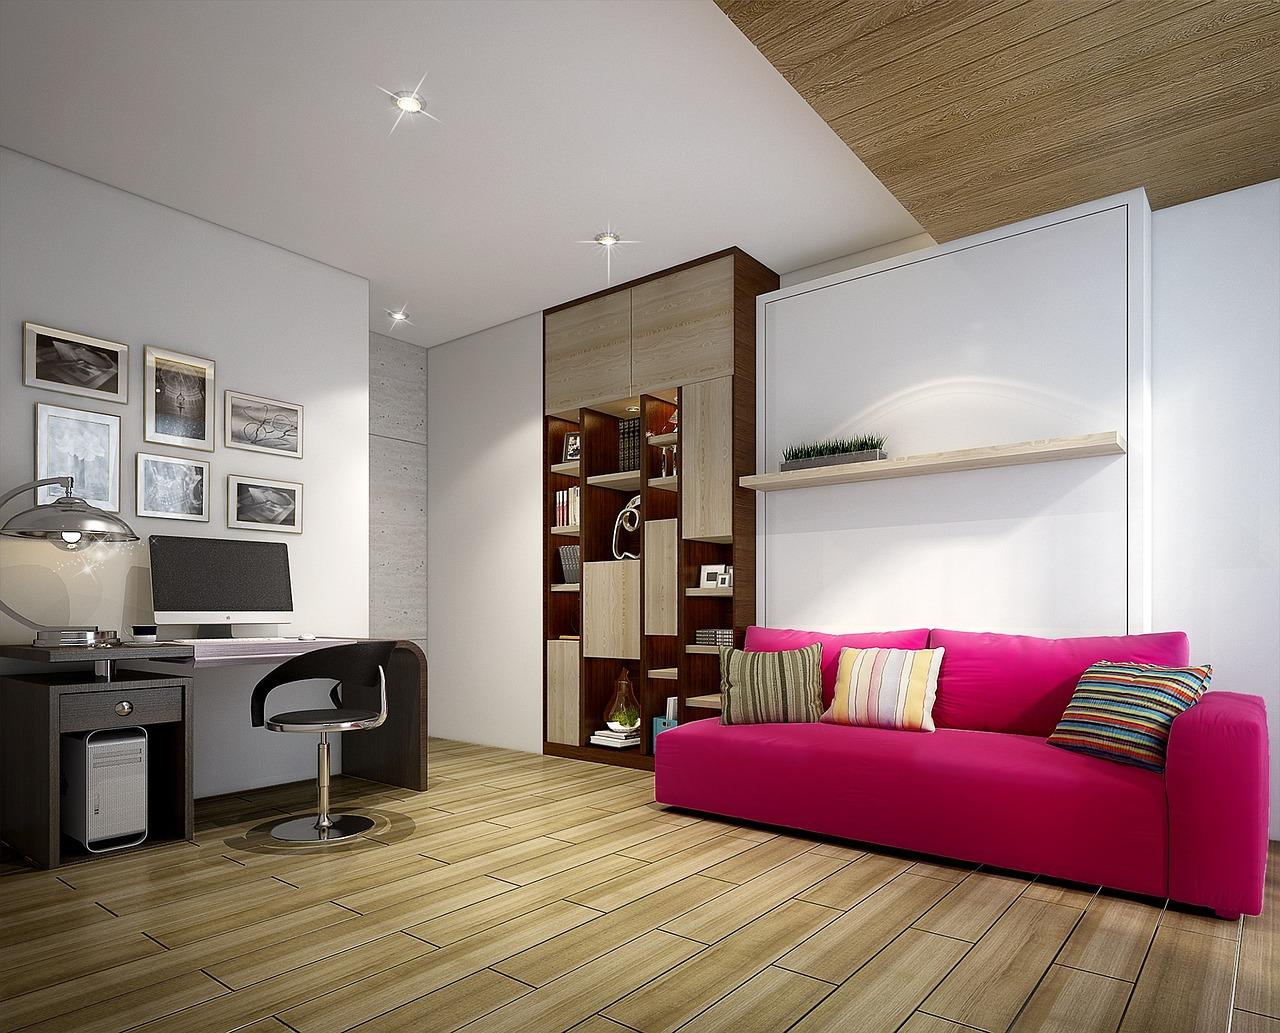 décoration d'intérieur, déco & aménagement salon | les penates